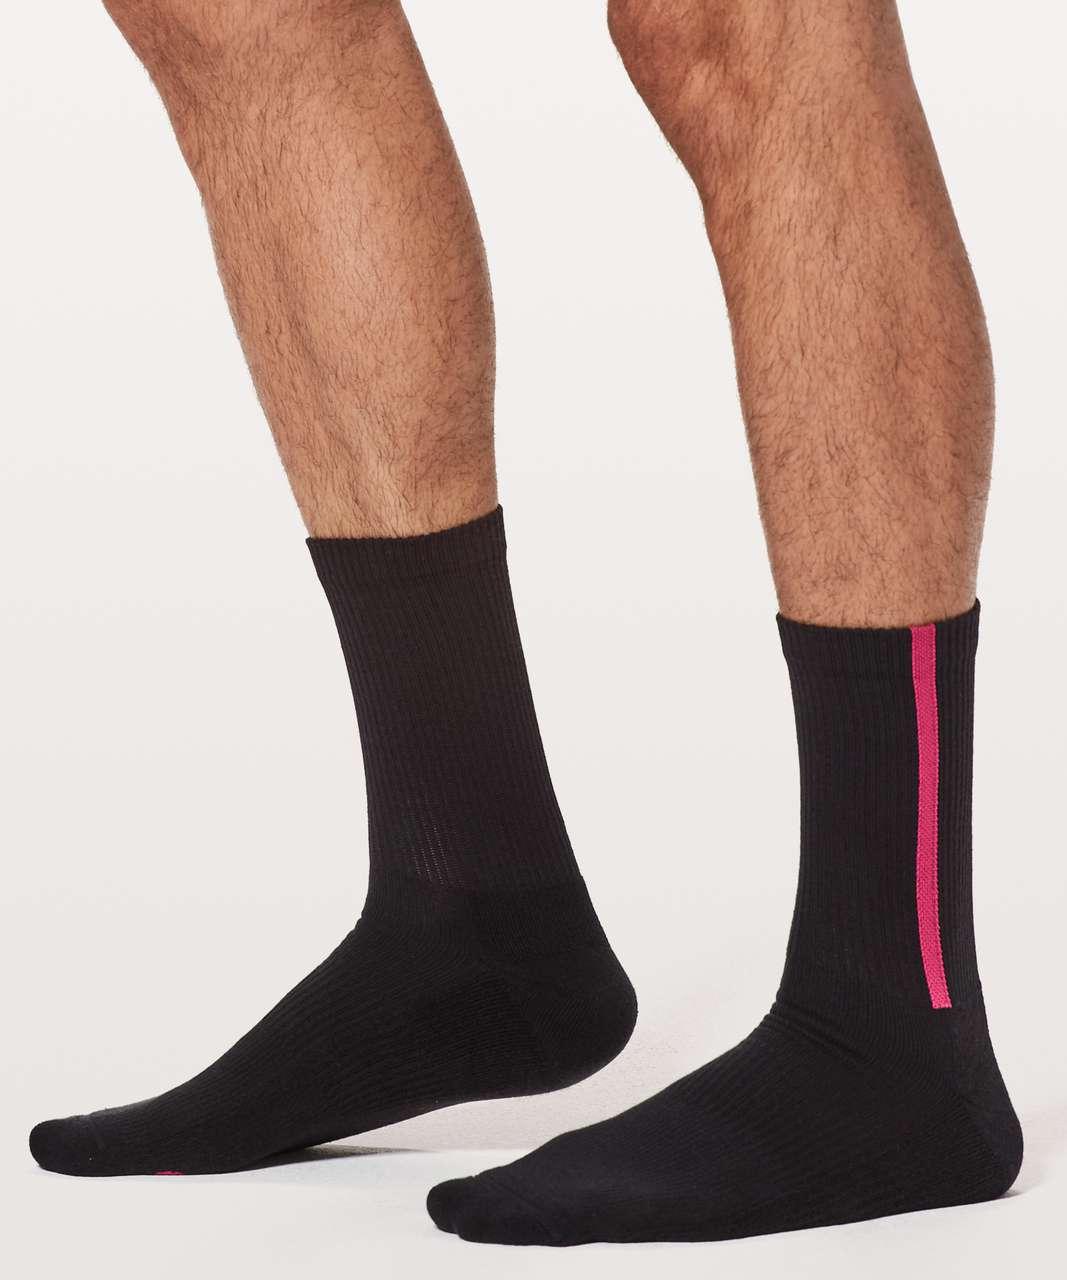 Lululemon Intent Crew Sock - Black / Violet Red